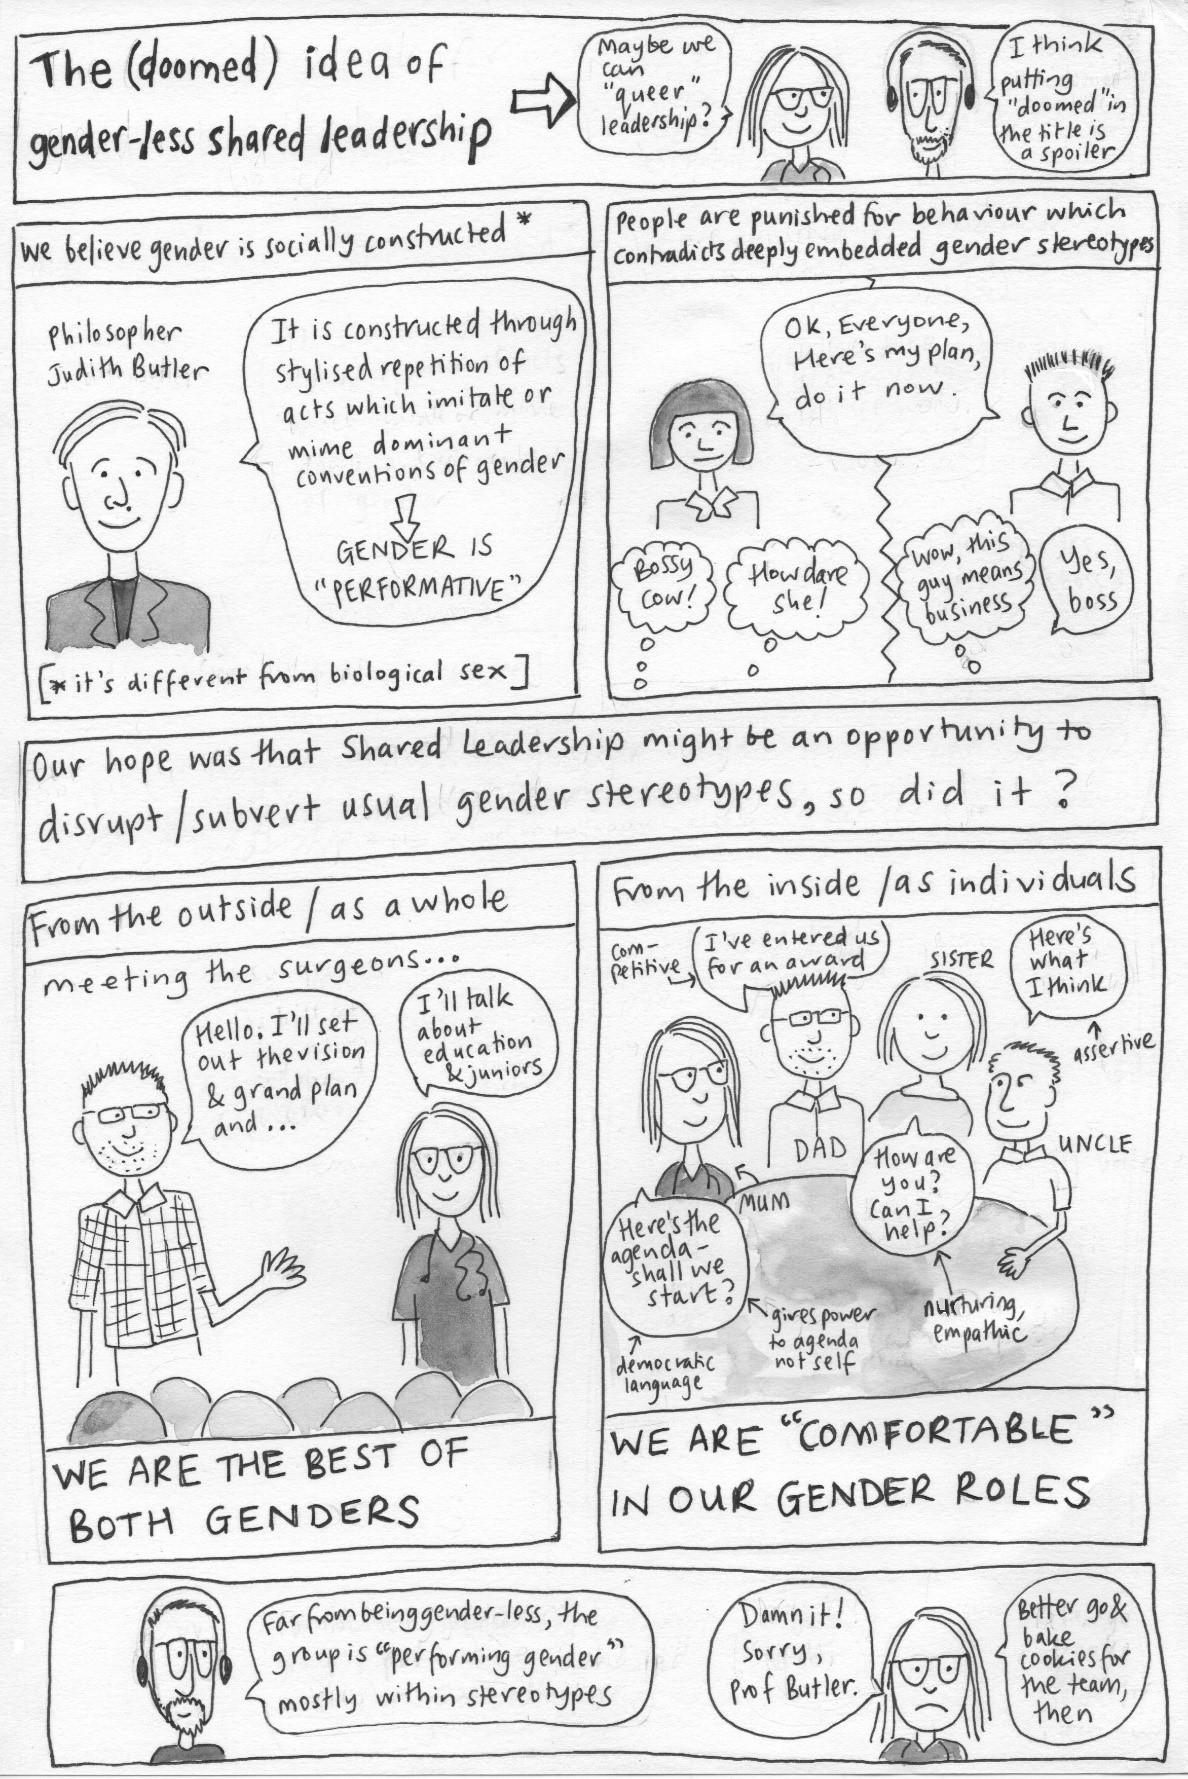 Exploring Gendered Leadership Stereotypes Comic